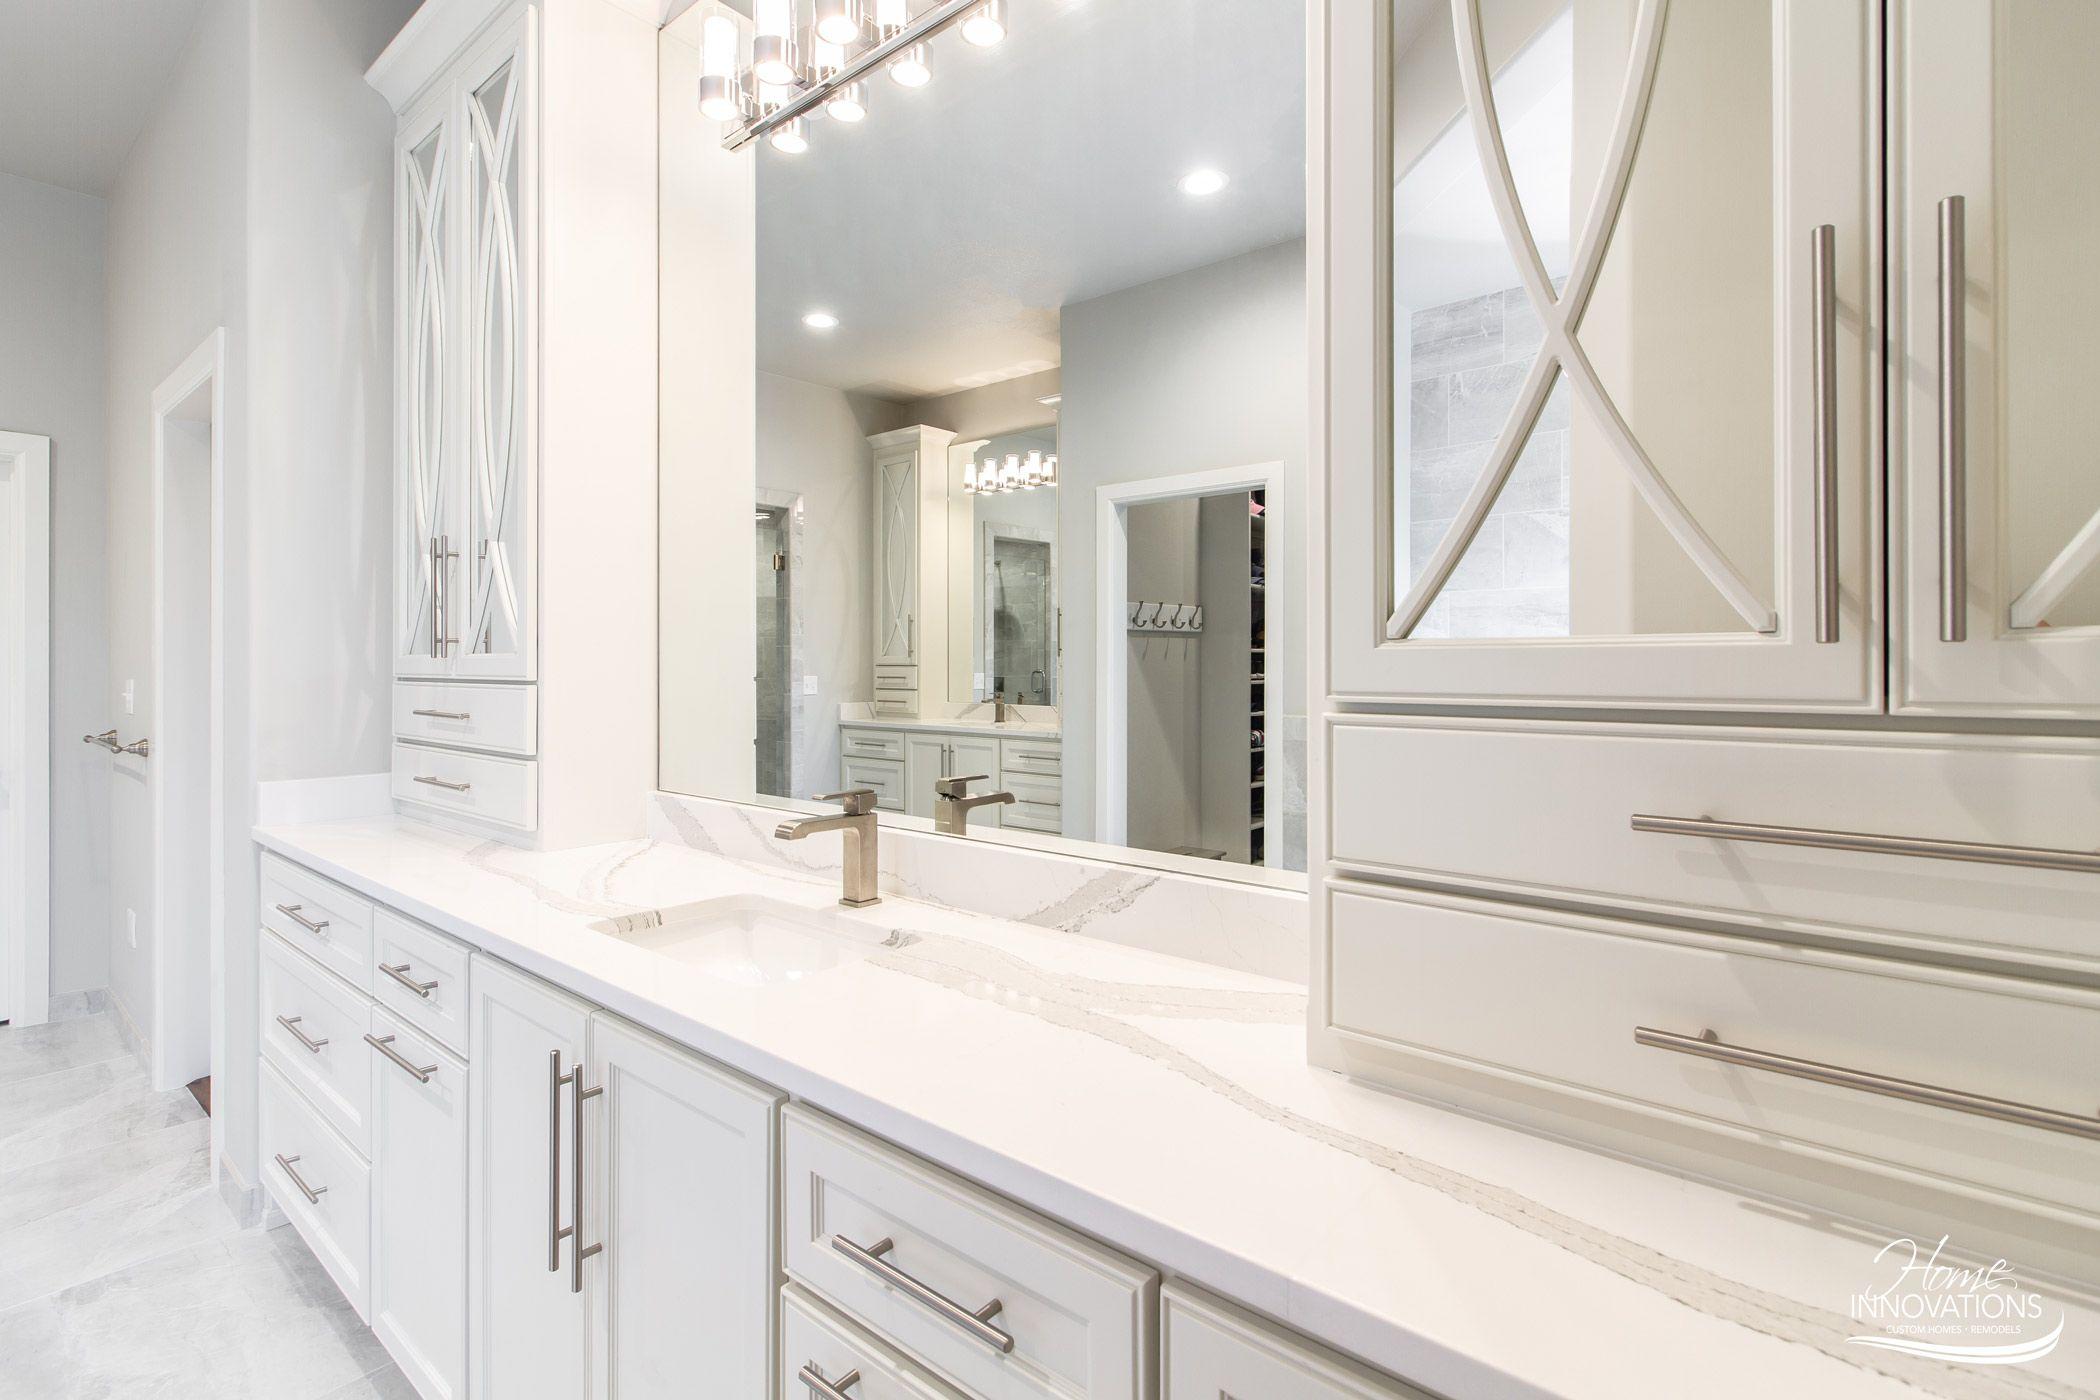 Master Bathroom Remodel Tulsa Ok White Cabinets Tile Floor Mirrored Cabinet Doors Double Vanity Bathrooms Remodel White Cabinets Mirrored Cabinet Doors [ 1400 x 2100 Pixel ]